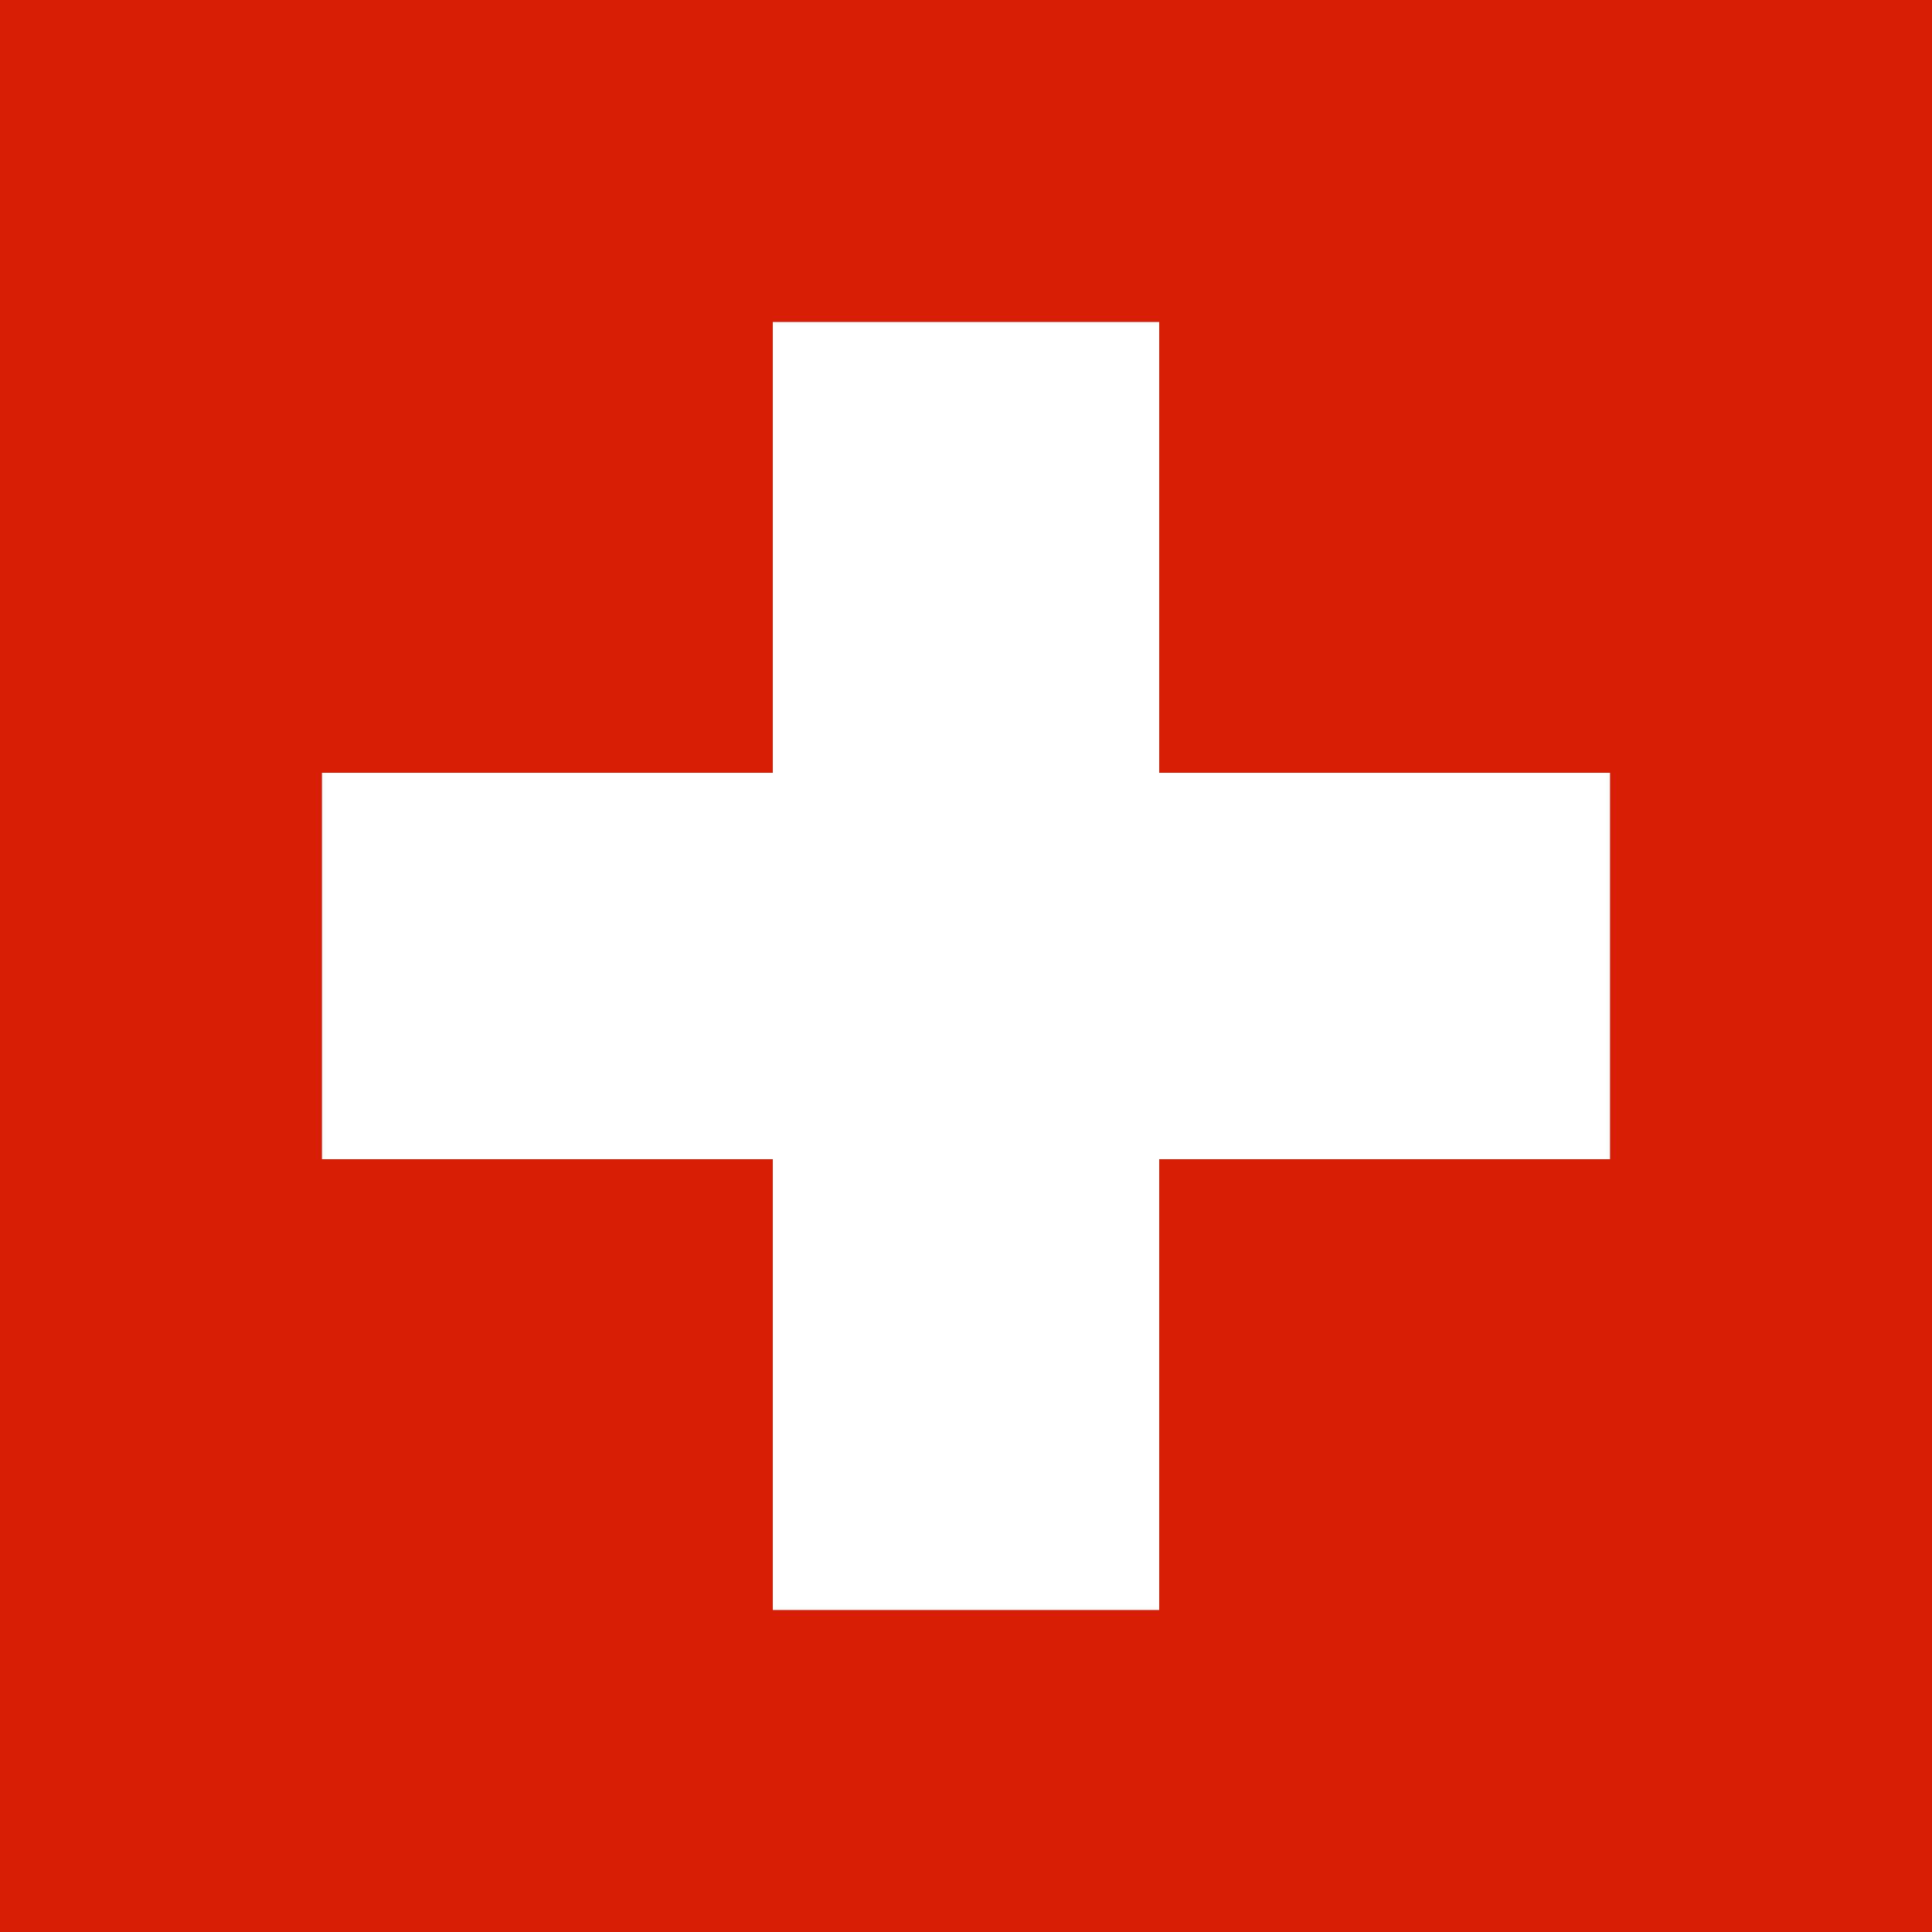 suiza, país, emblema, insignia, símbolo - Fondos de Pantalla HD - professor-falken.com